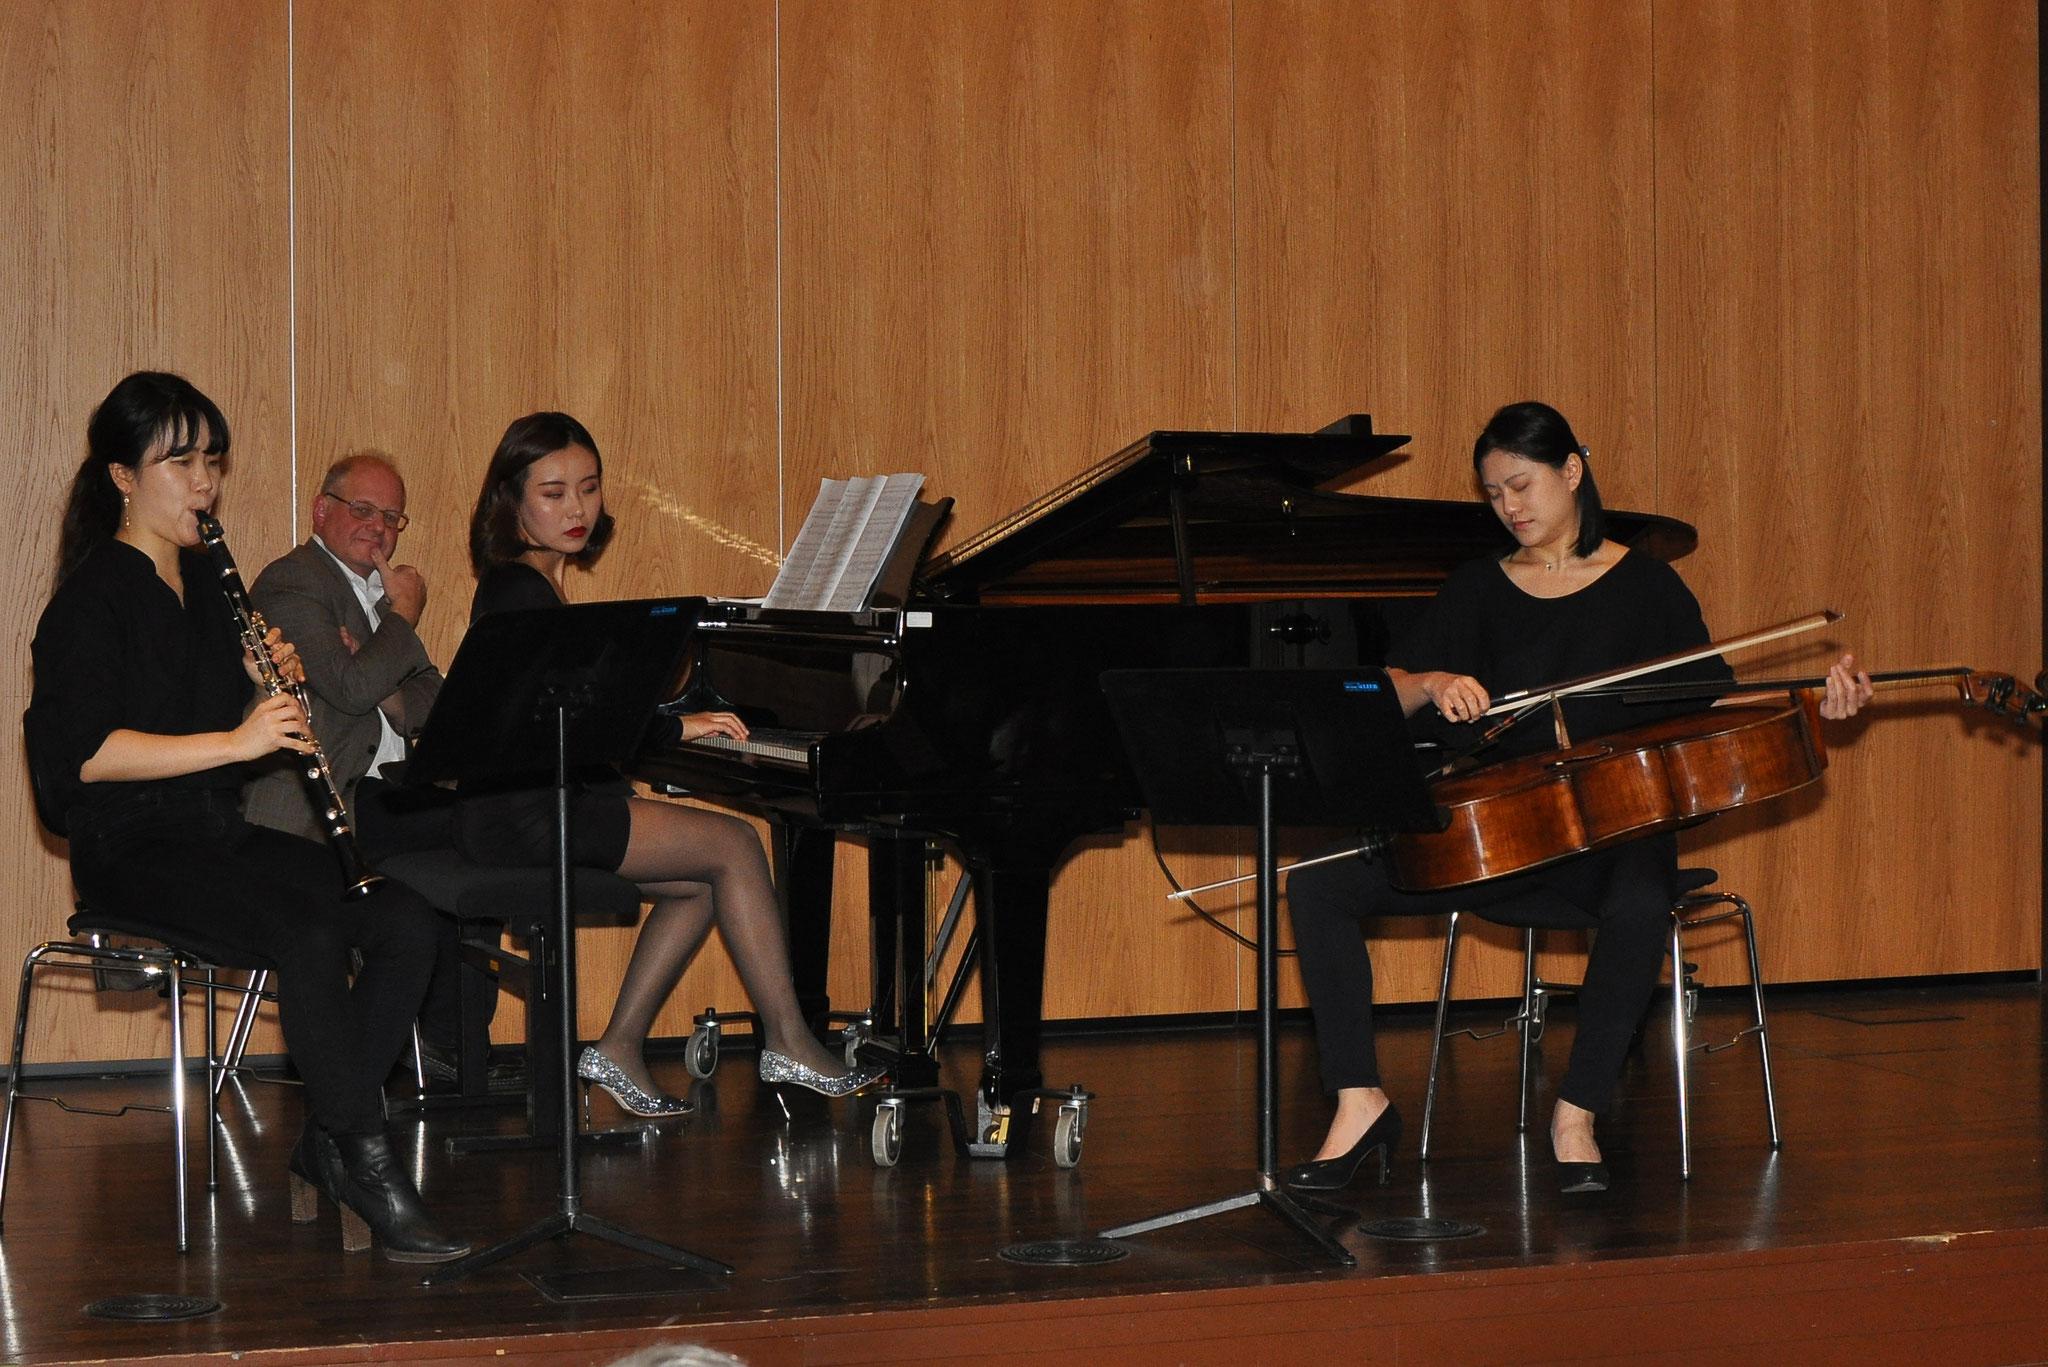 Konzert in Kooperation mit der Hochschule für Musik am 13.11.2018